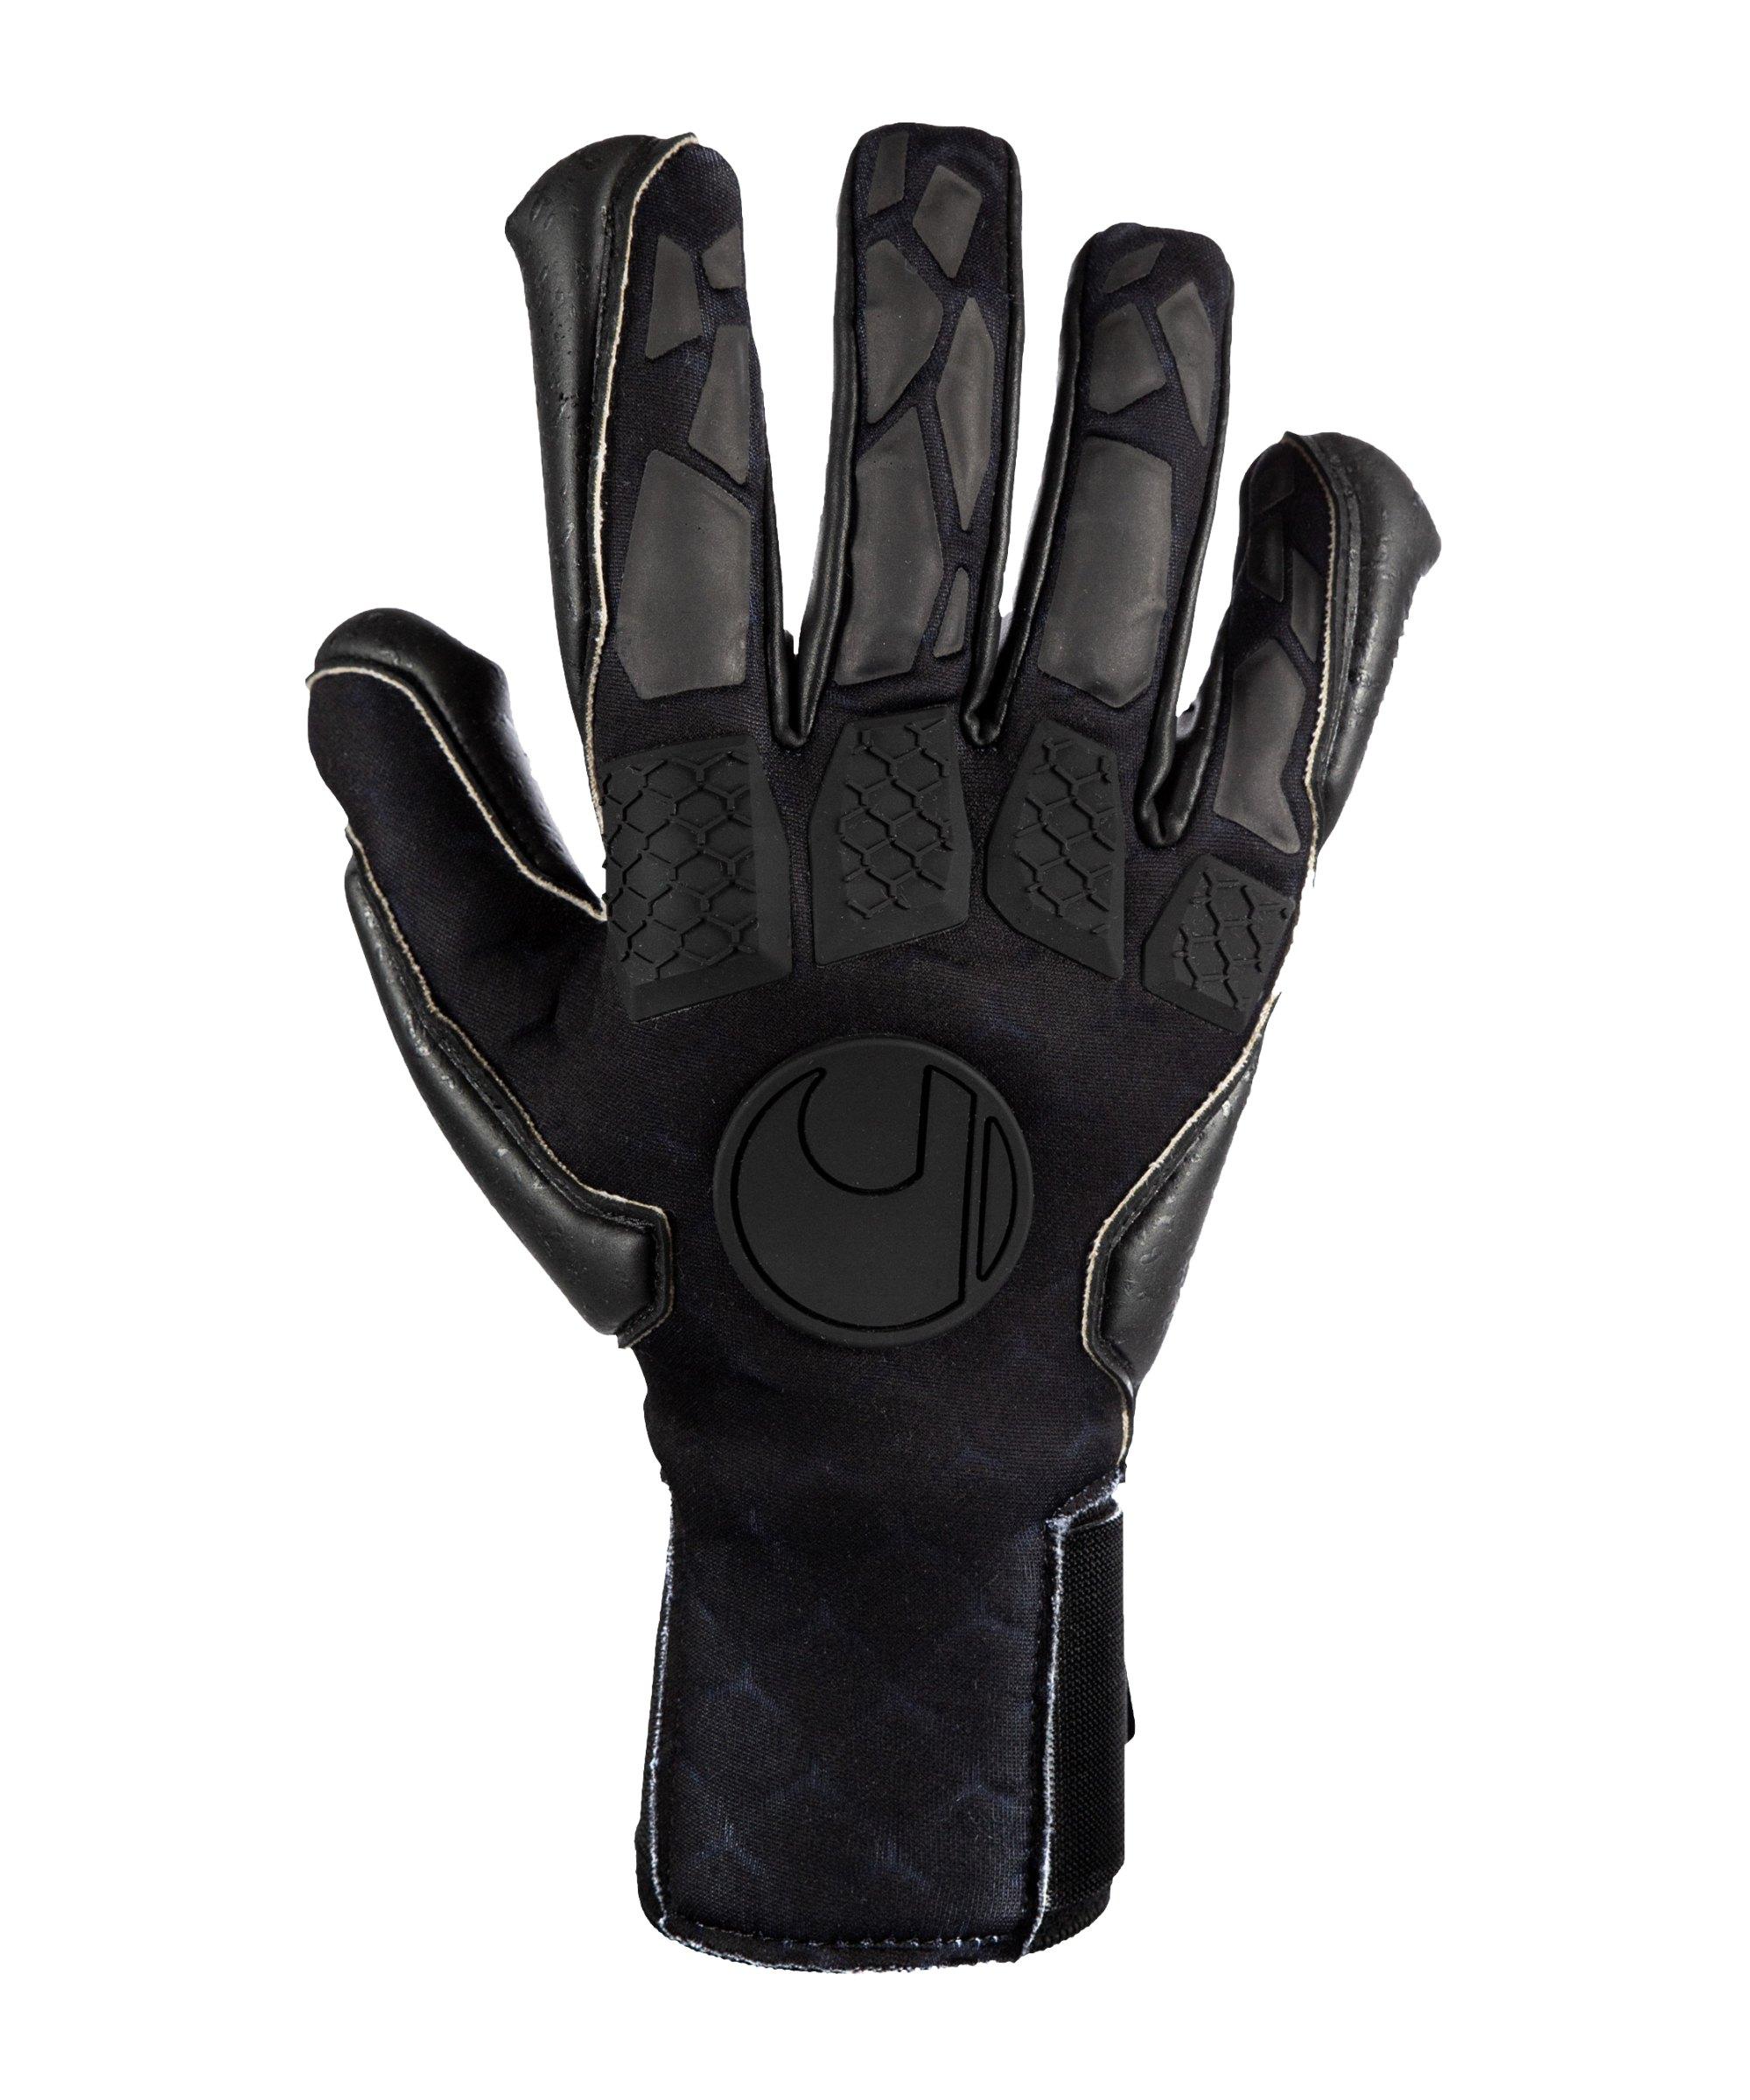 Uhlsport Hyperblack Supergrip+ HN TW-Handschuhe Schwarz F02 - schwarz